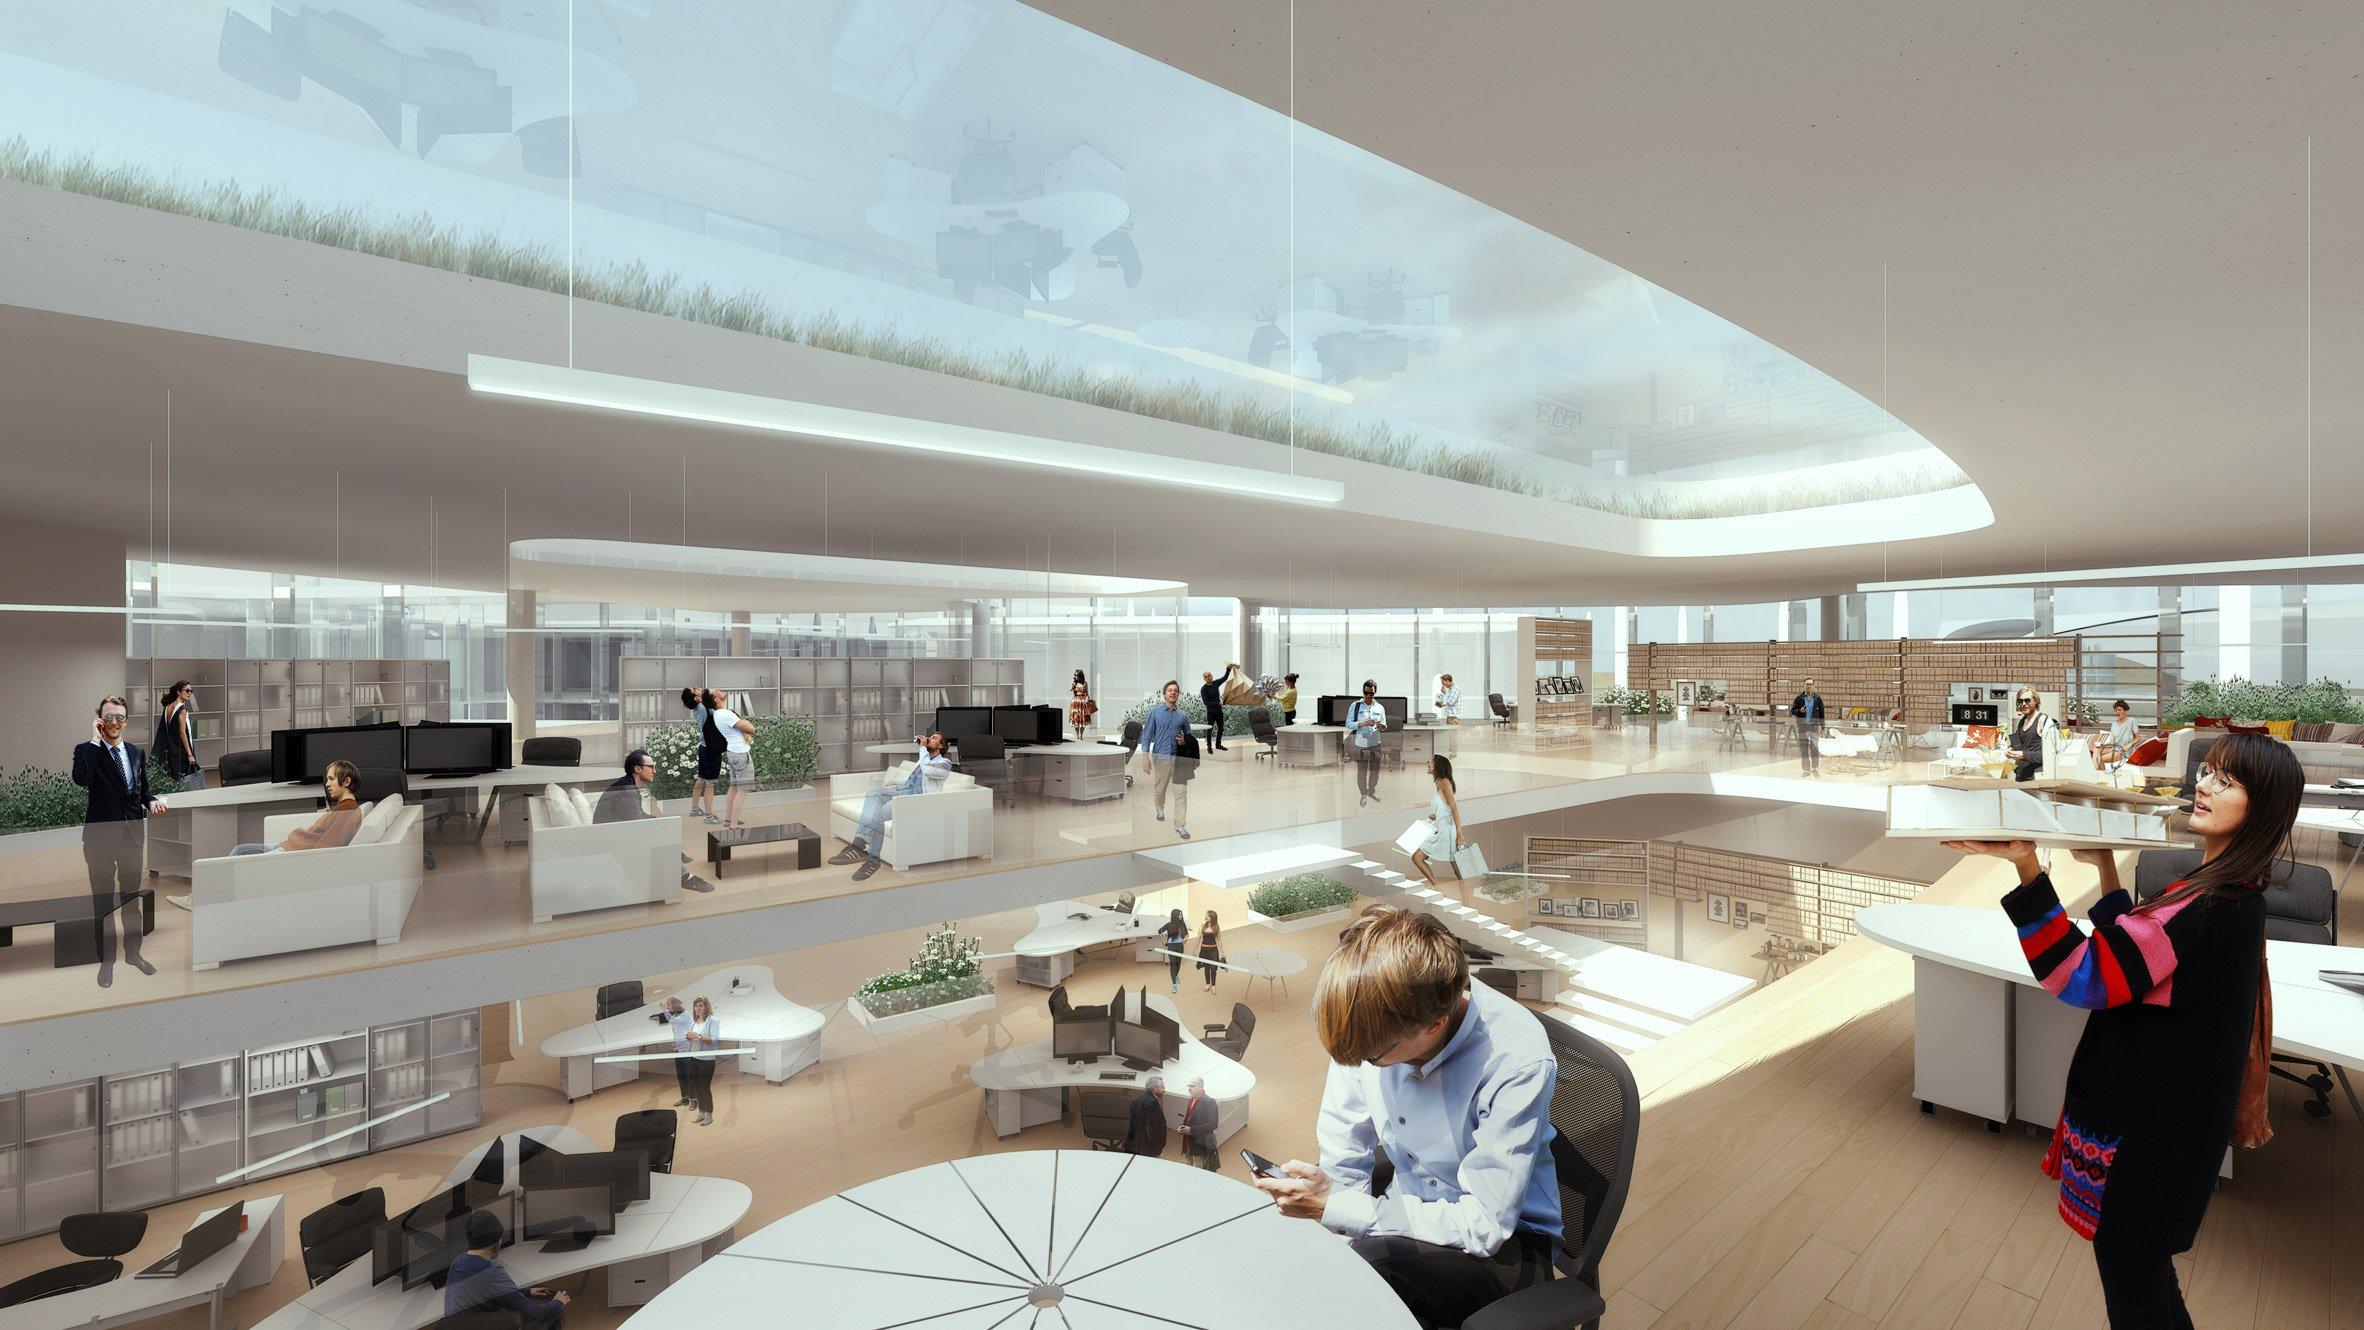 Проект офиса предполагает серию двухэтажных зданий, соединенных между собой. Стены и крыша будут стеклянными, чтобы по максимуму использовать естественное освещение и не давать зданию перегреваться